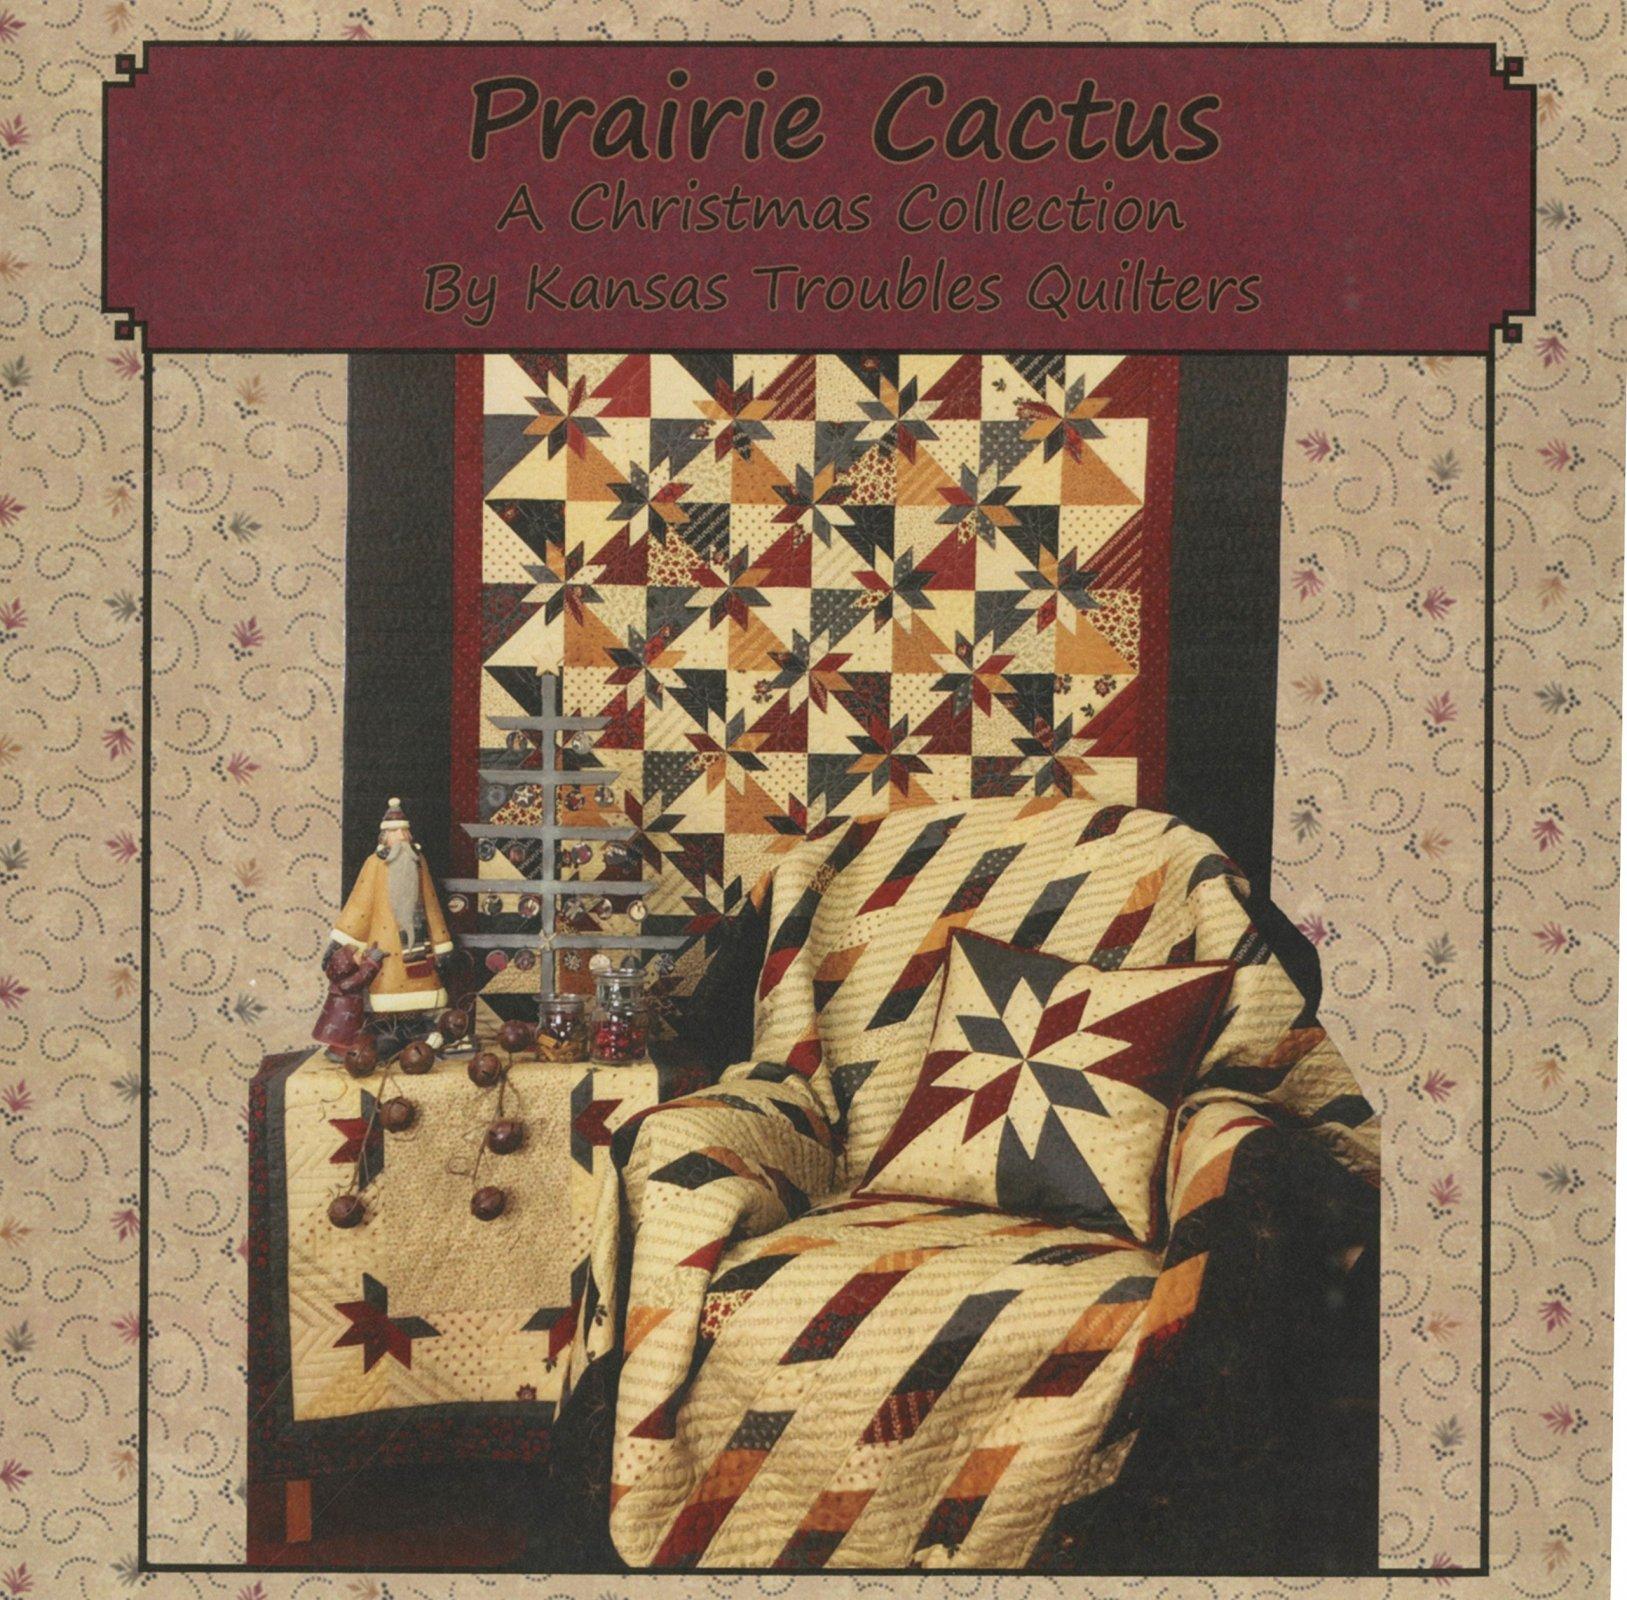 Prairie Cactus